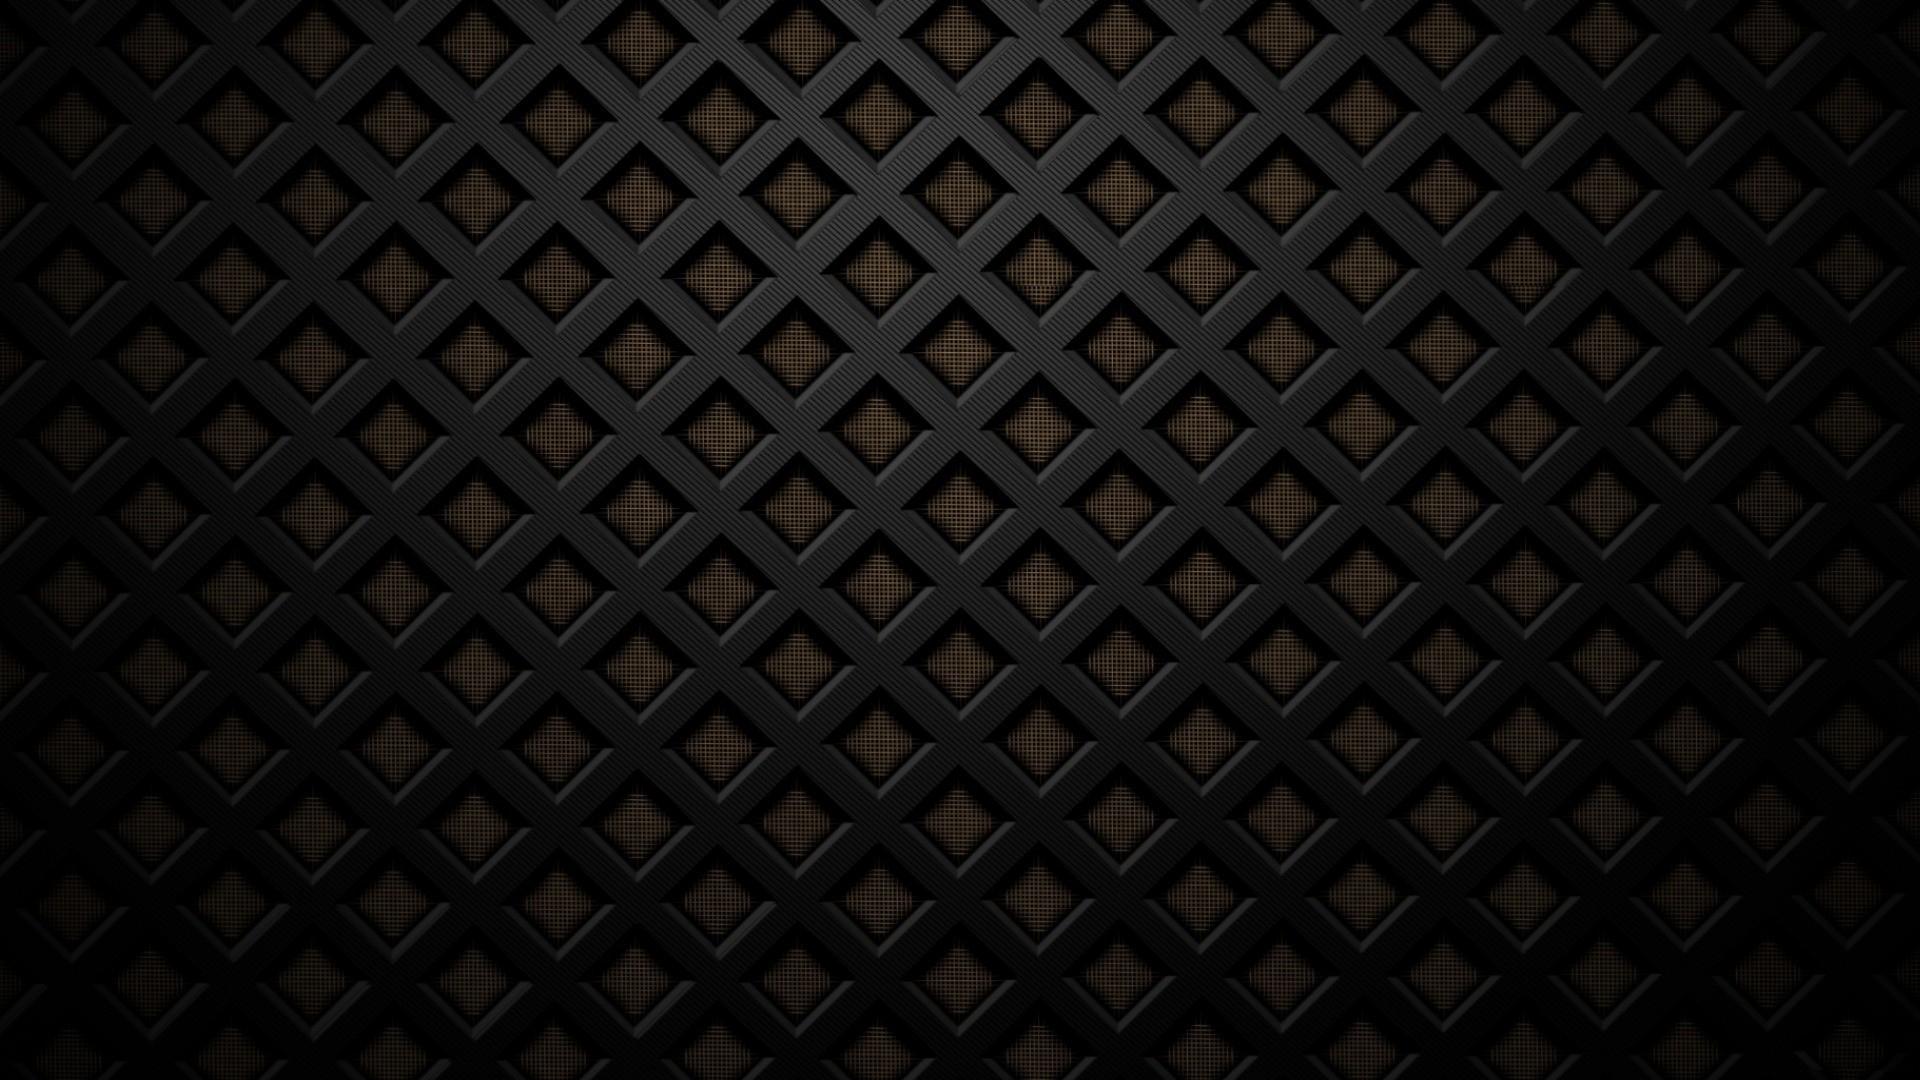 10 Most Popular Dark Abstract Wallpaper 1080P FULL HD 1920 ...